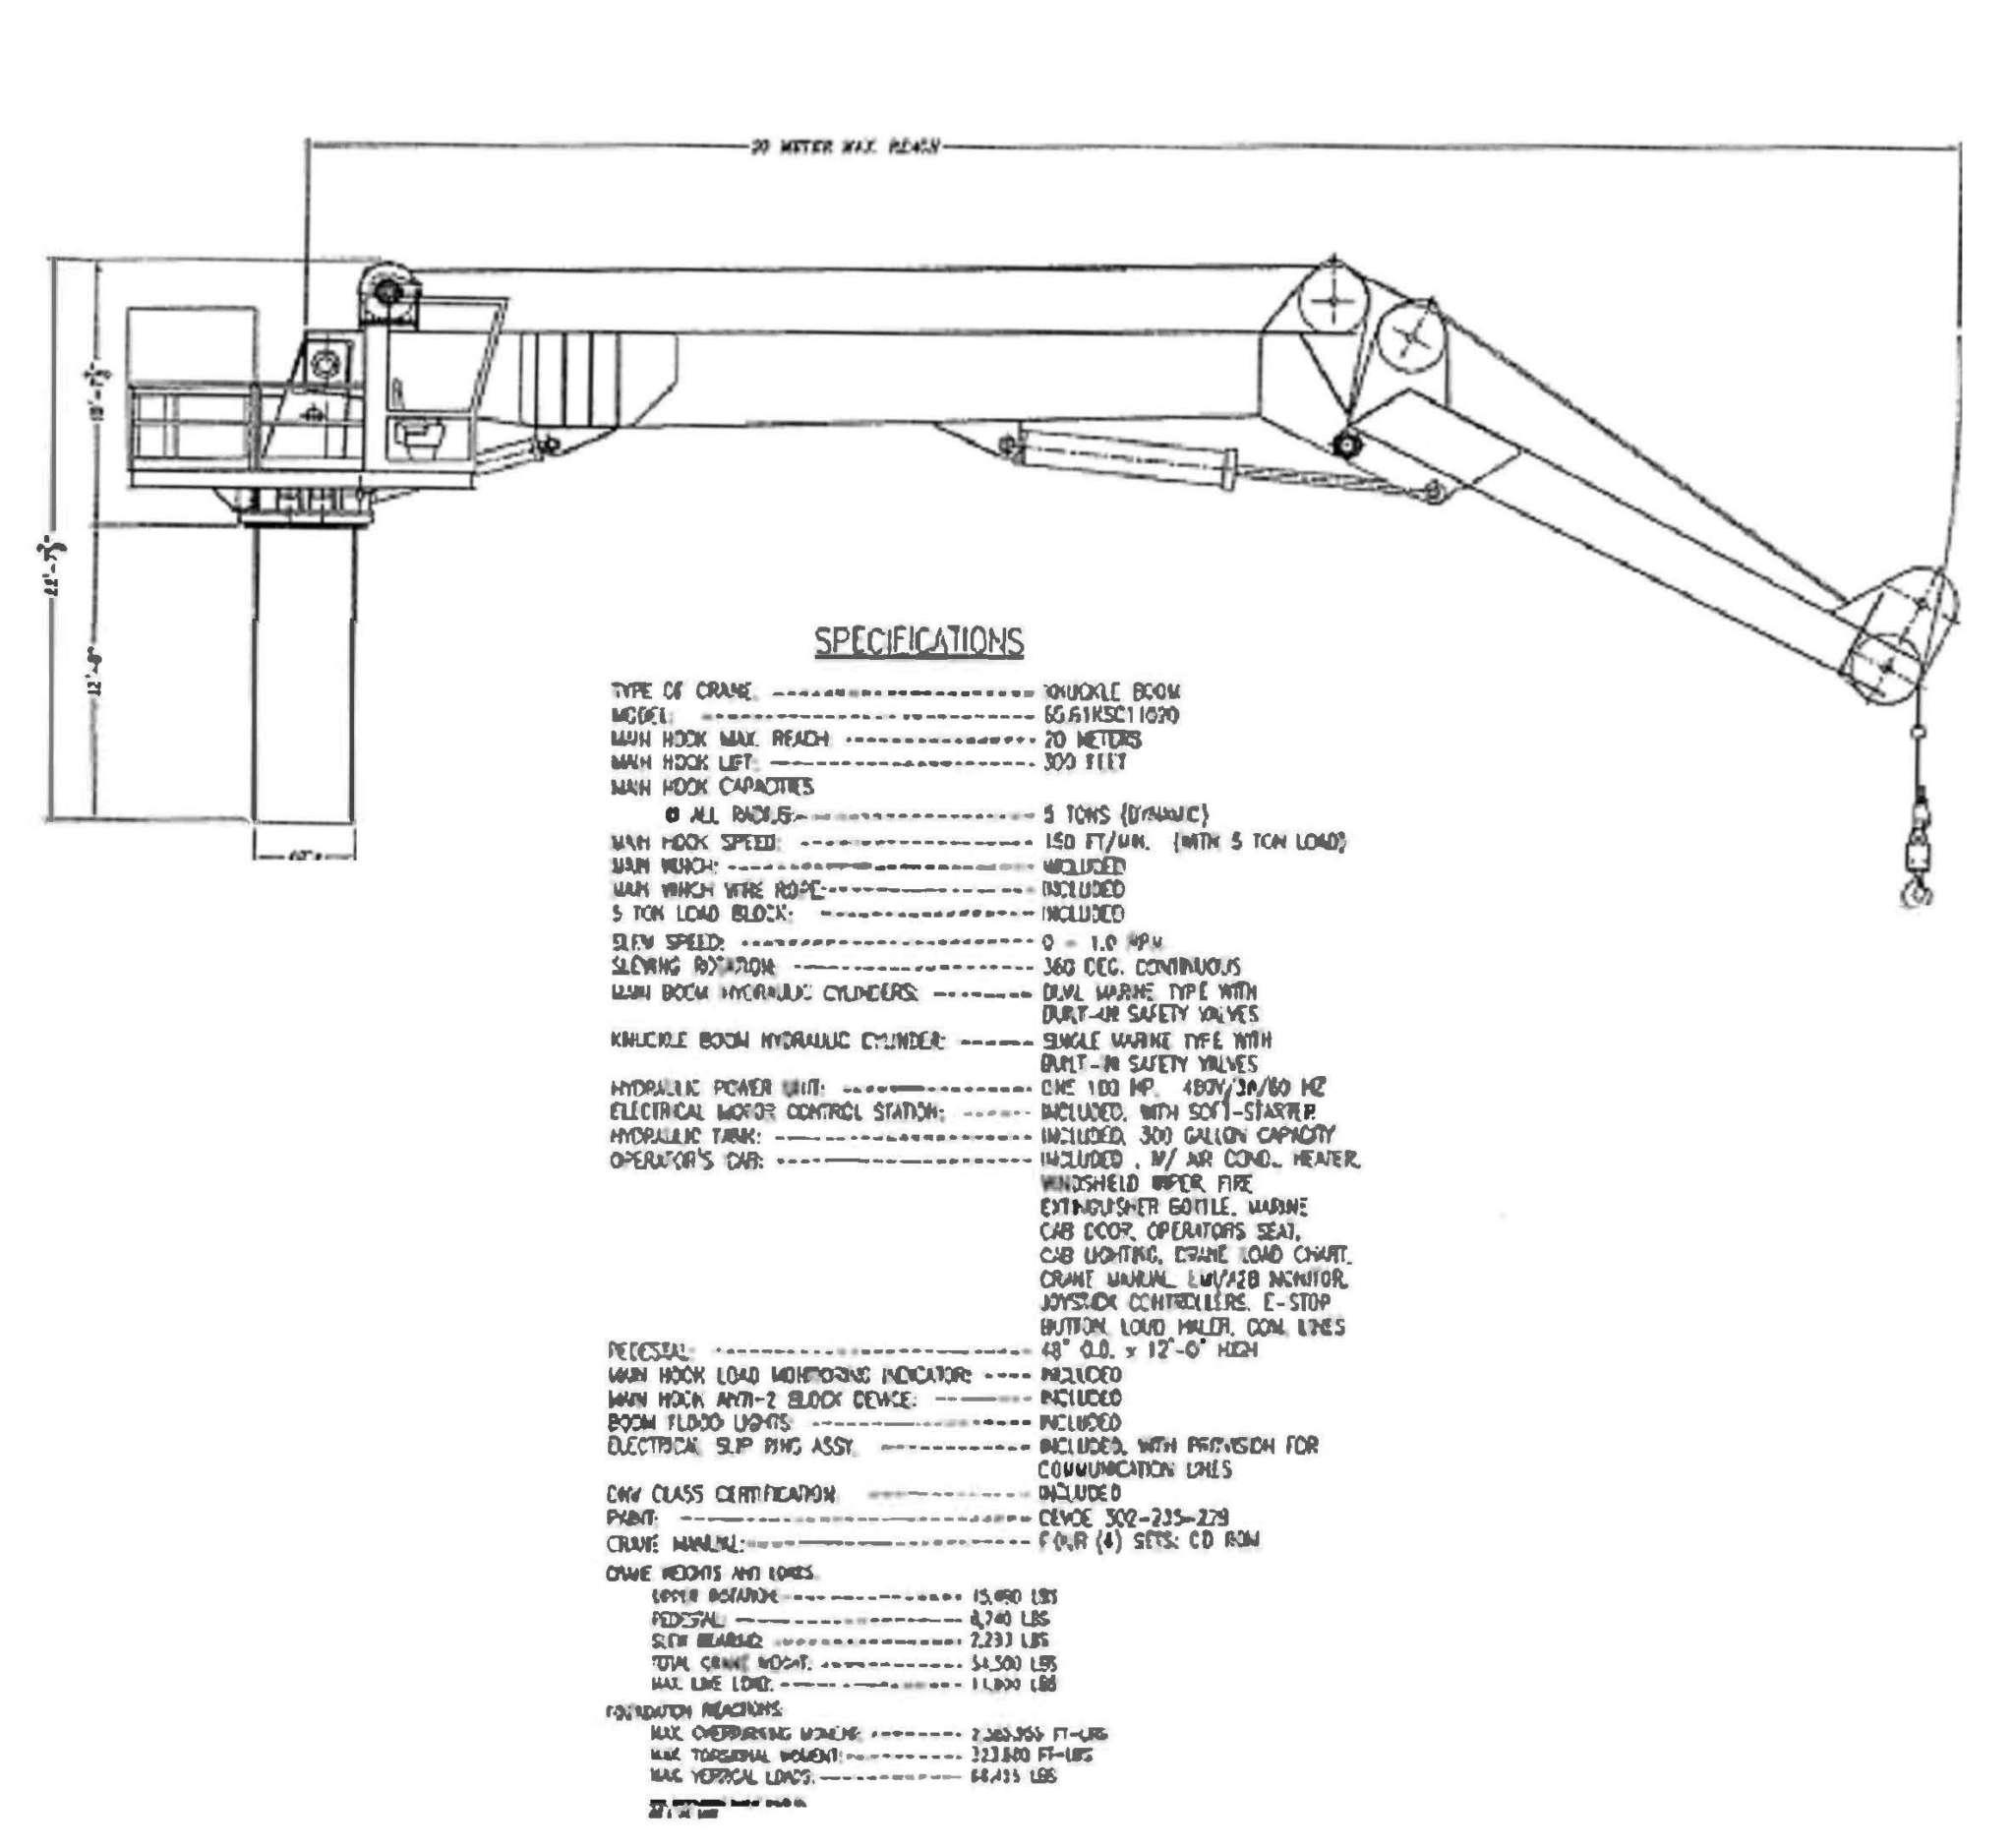 2002 mitsubishi lancer es wiring diagram 1993 ford ranger xl radio 2004 parts imageresizertool com